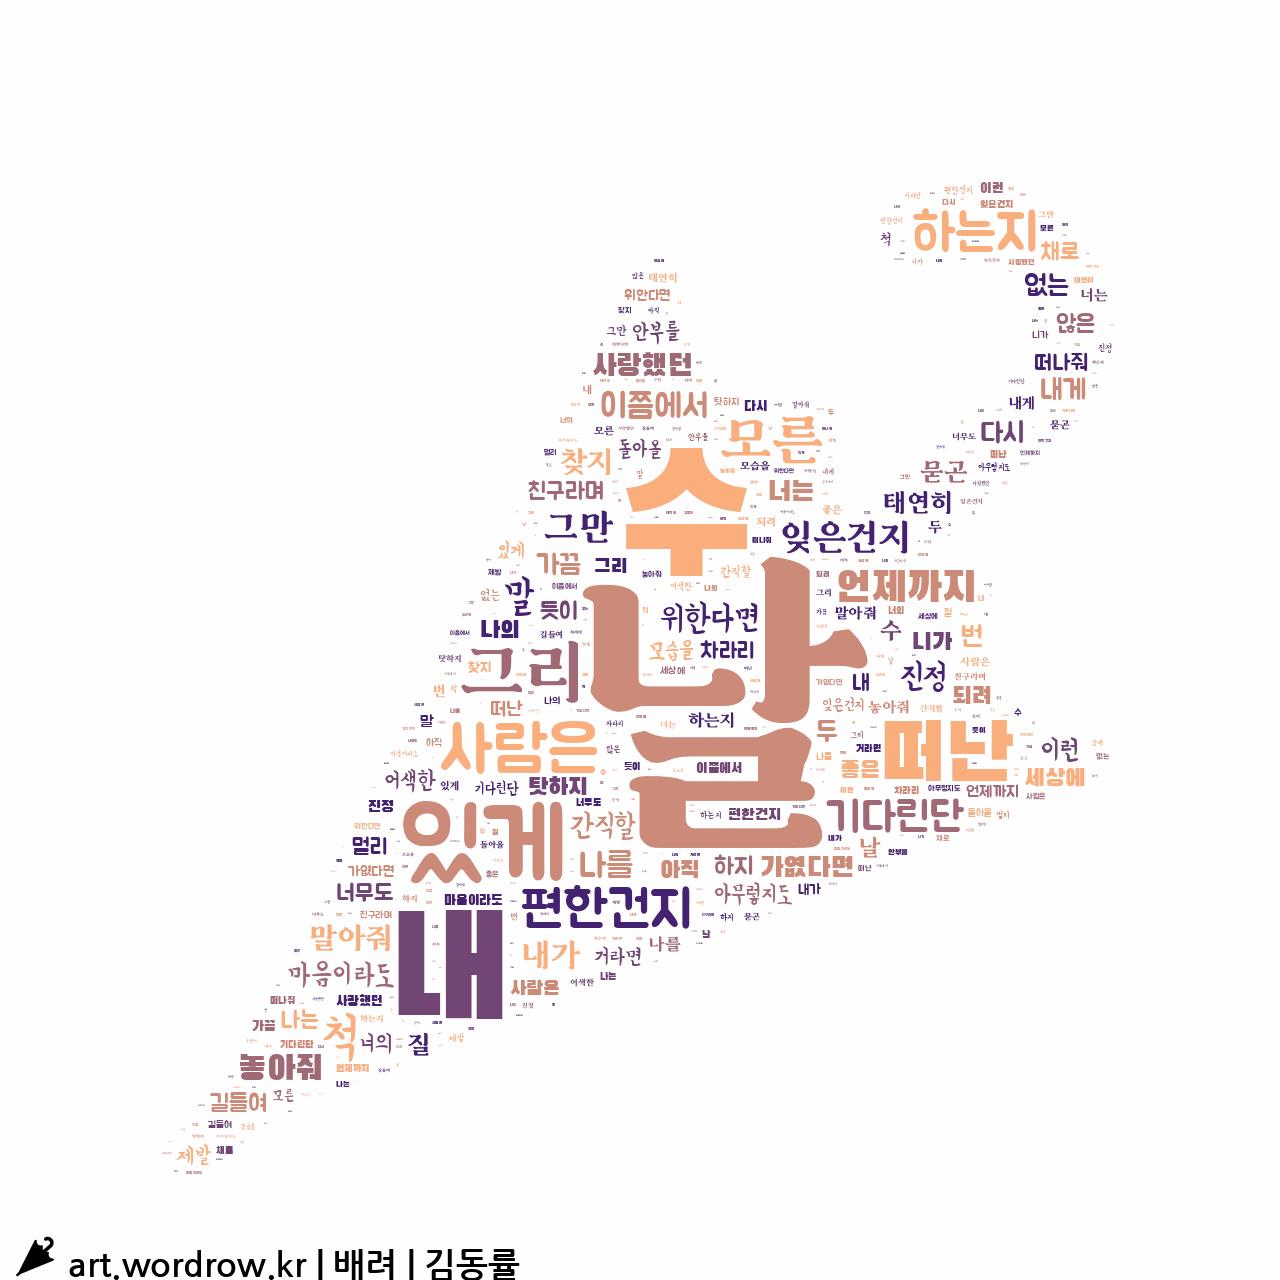 워드 클라우드: 배려 [김동률]-73